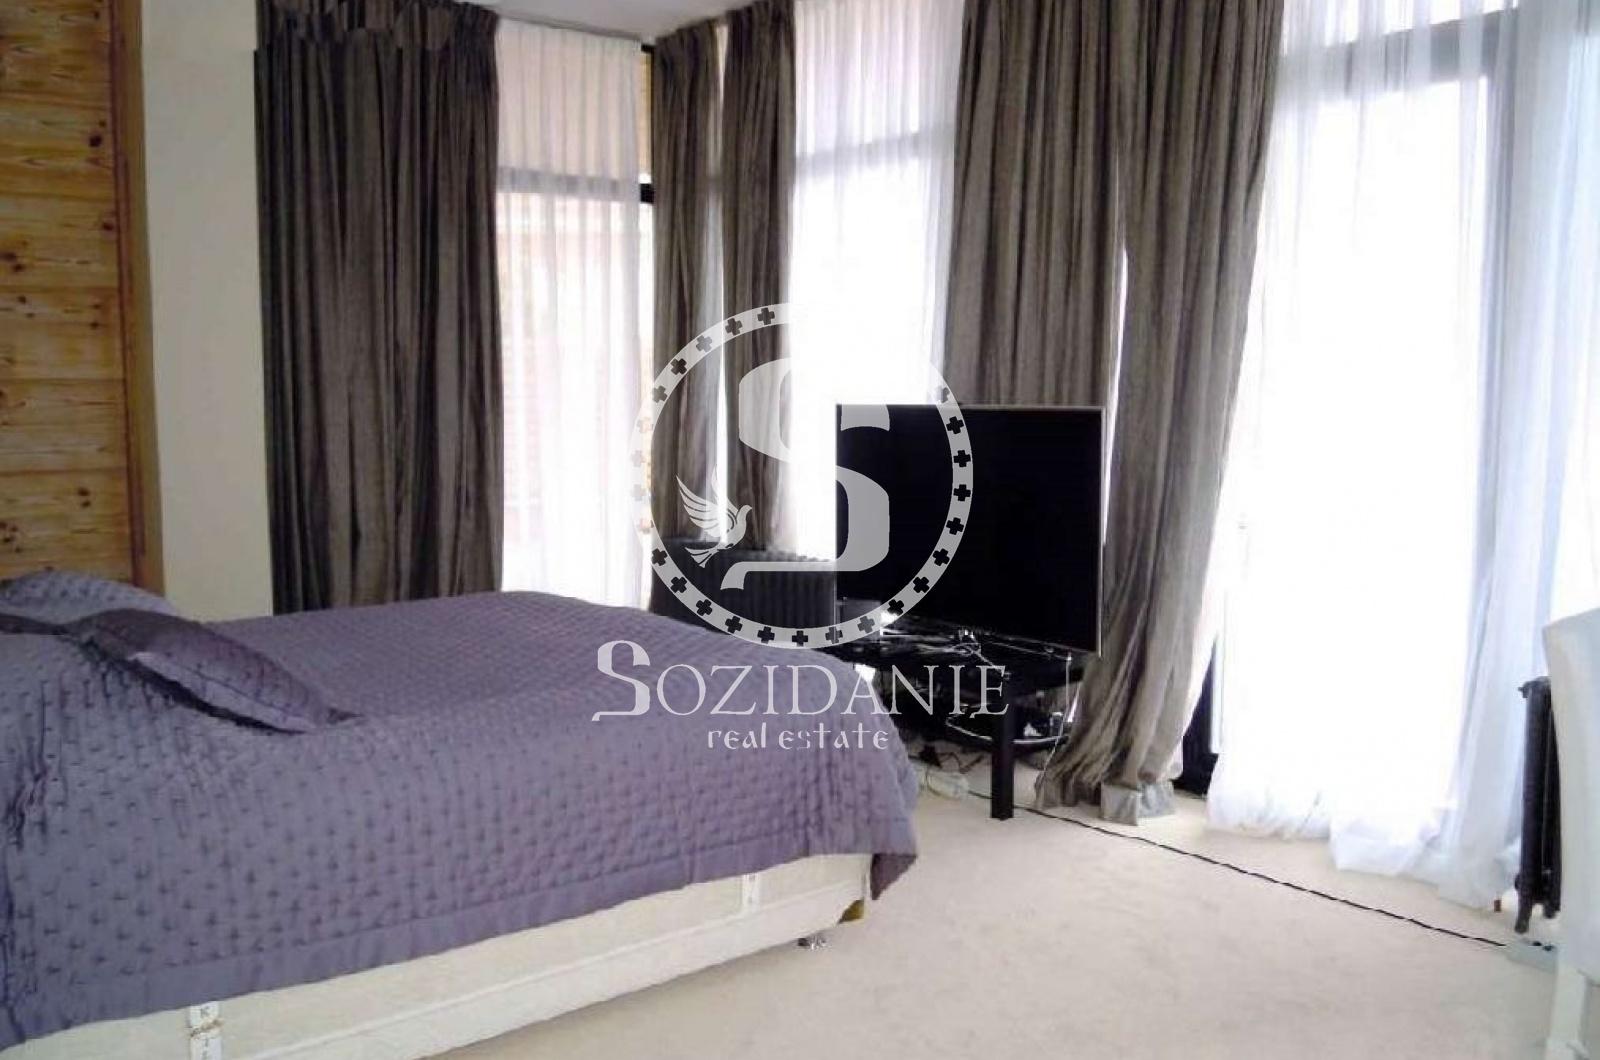 4 Bedrooms, Загородная, Продажа, Listing ID 1439, Московская область, Россия,